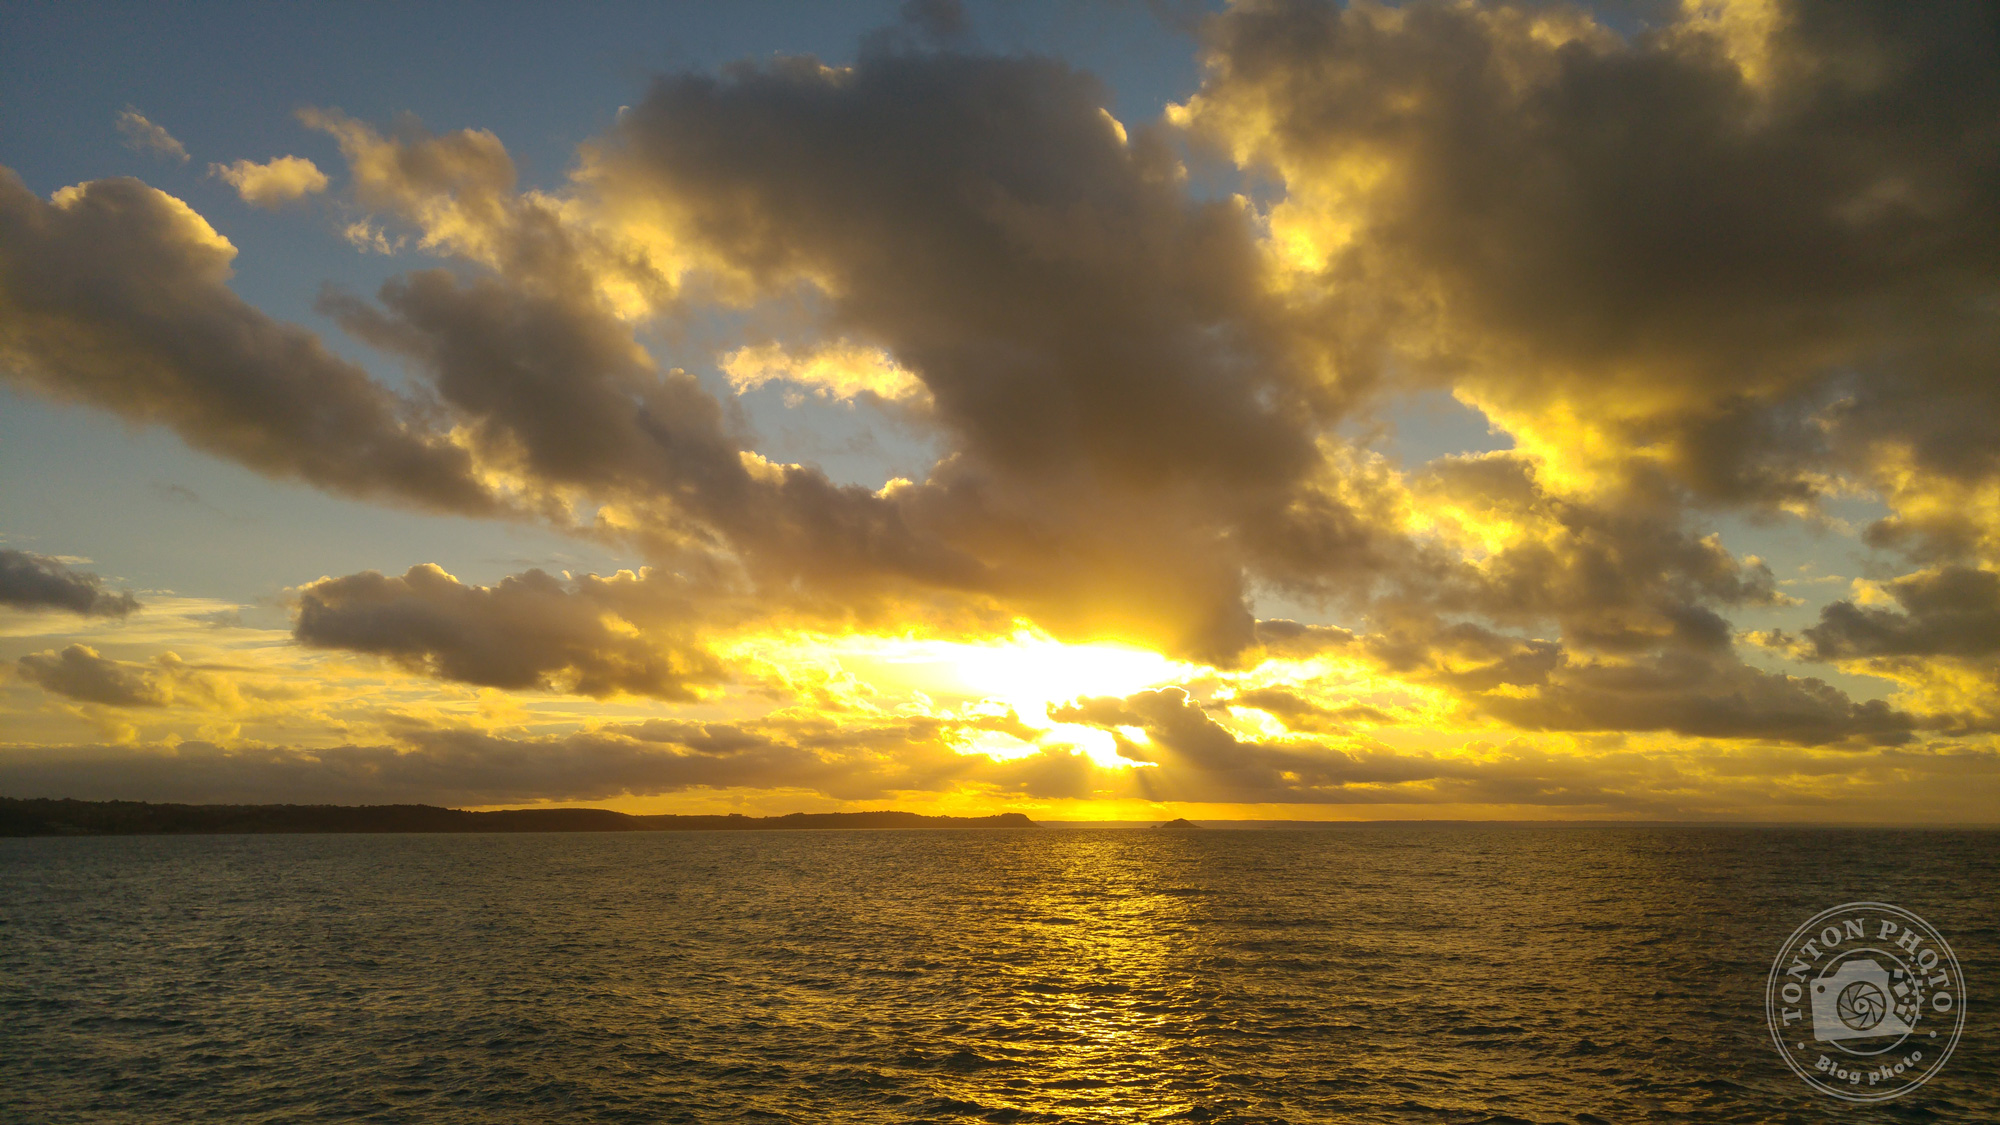 (Avant post-traitement) Test du photophone LG G4 : Coucher de soleil sur la Manche depuis la jetée d'Erquy (Bretagne, France). F/1.8 – 1/1500 – ISO 50 © Clément Racineux / Tonton Photo